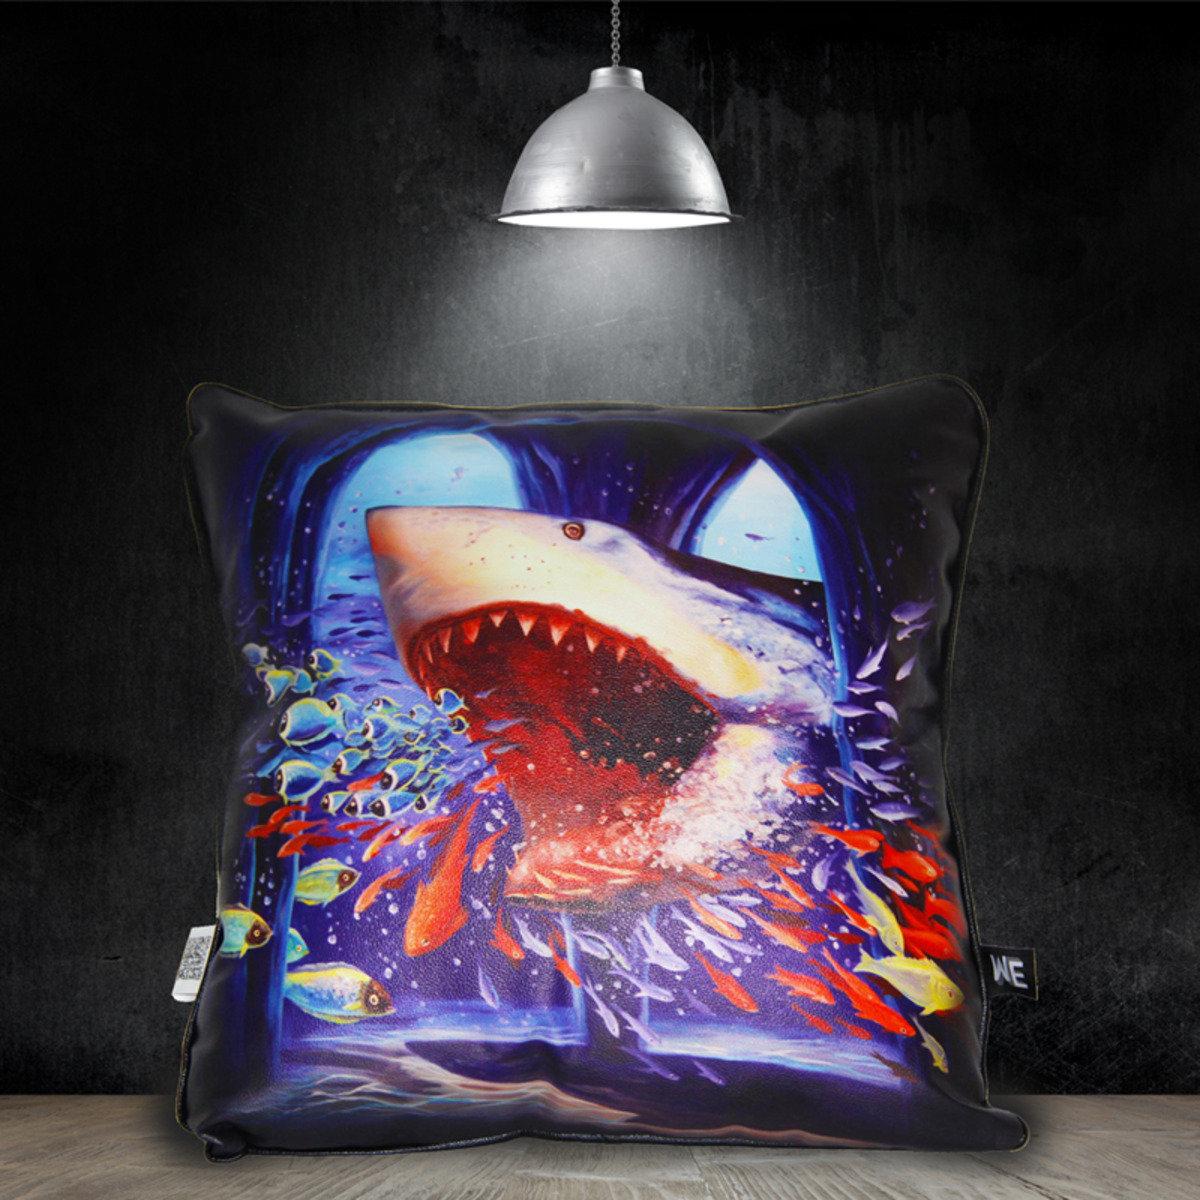 兇猛鯊魚 - 仿皮革靠墊